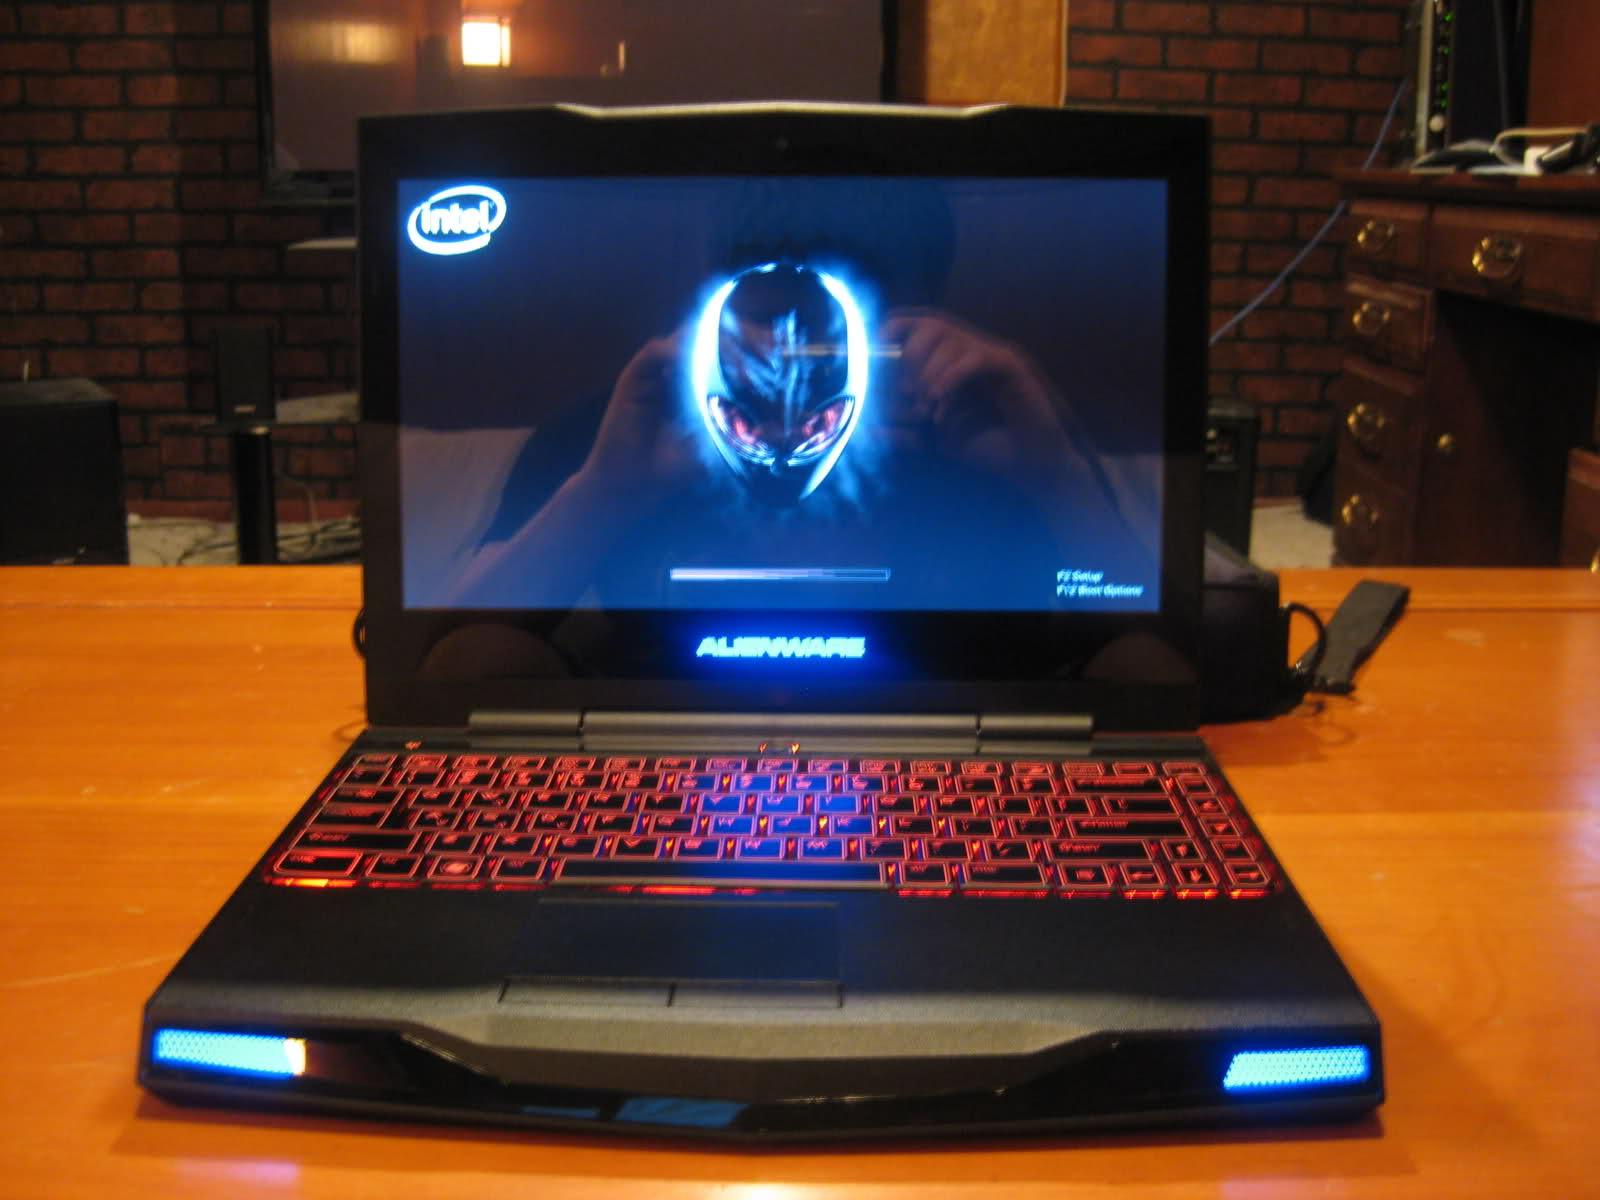 Bán laptop cũ Dell Alien ware m11xr2 giá rẻ tại Hà Nội